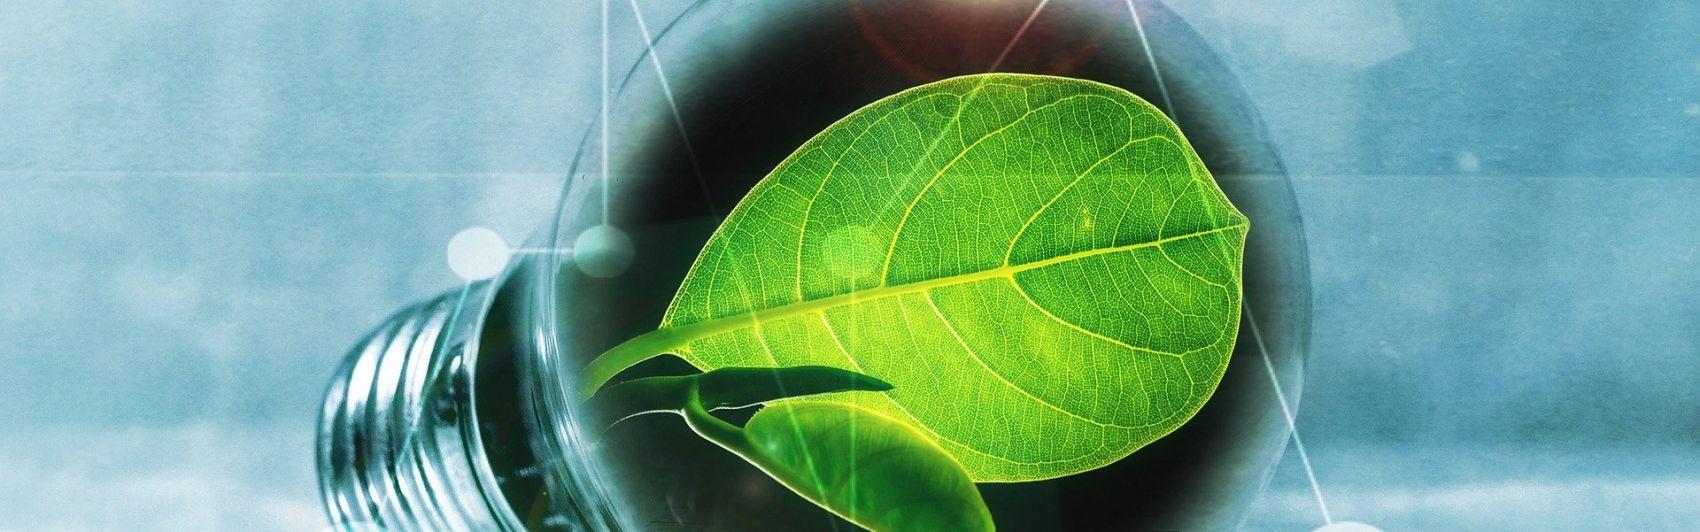 Nachhaltigkeit; Energiewende; Ideen; Konzepte; Entrepreneurship